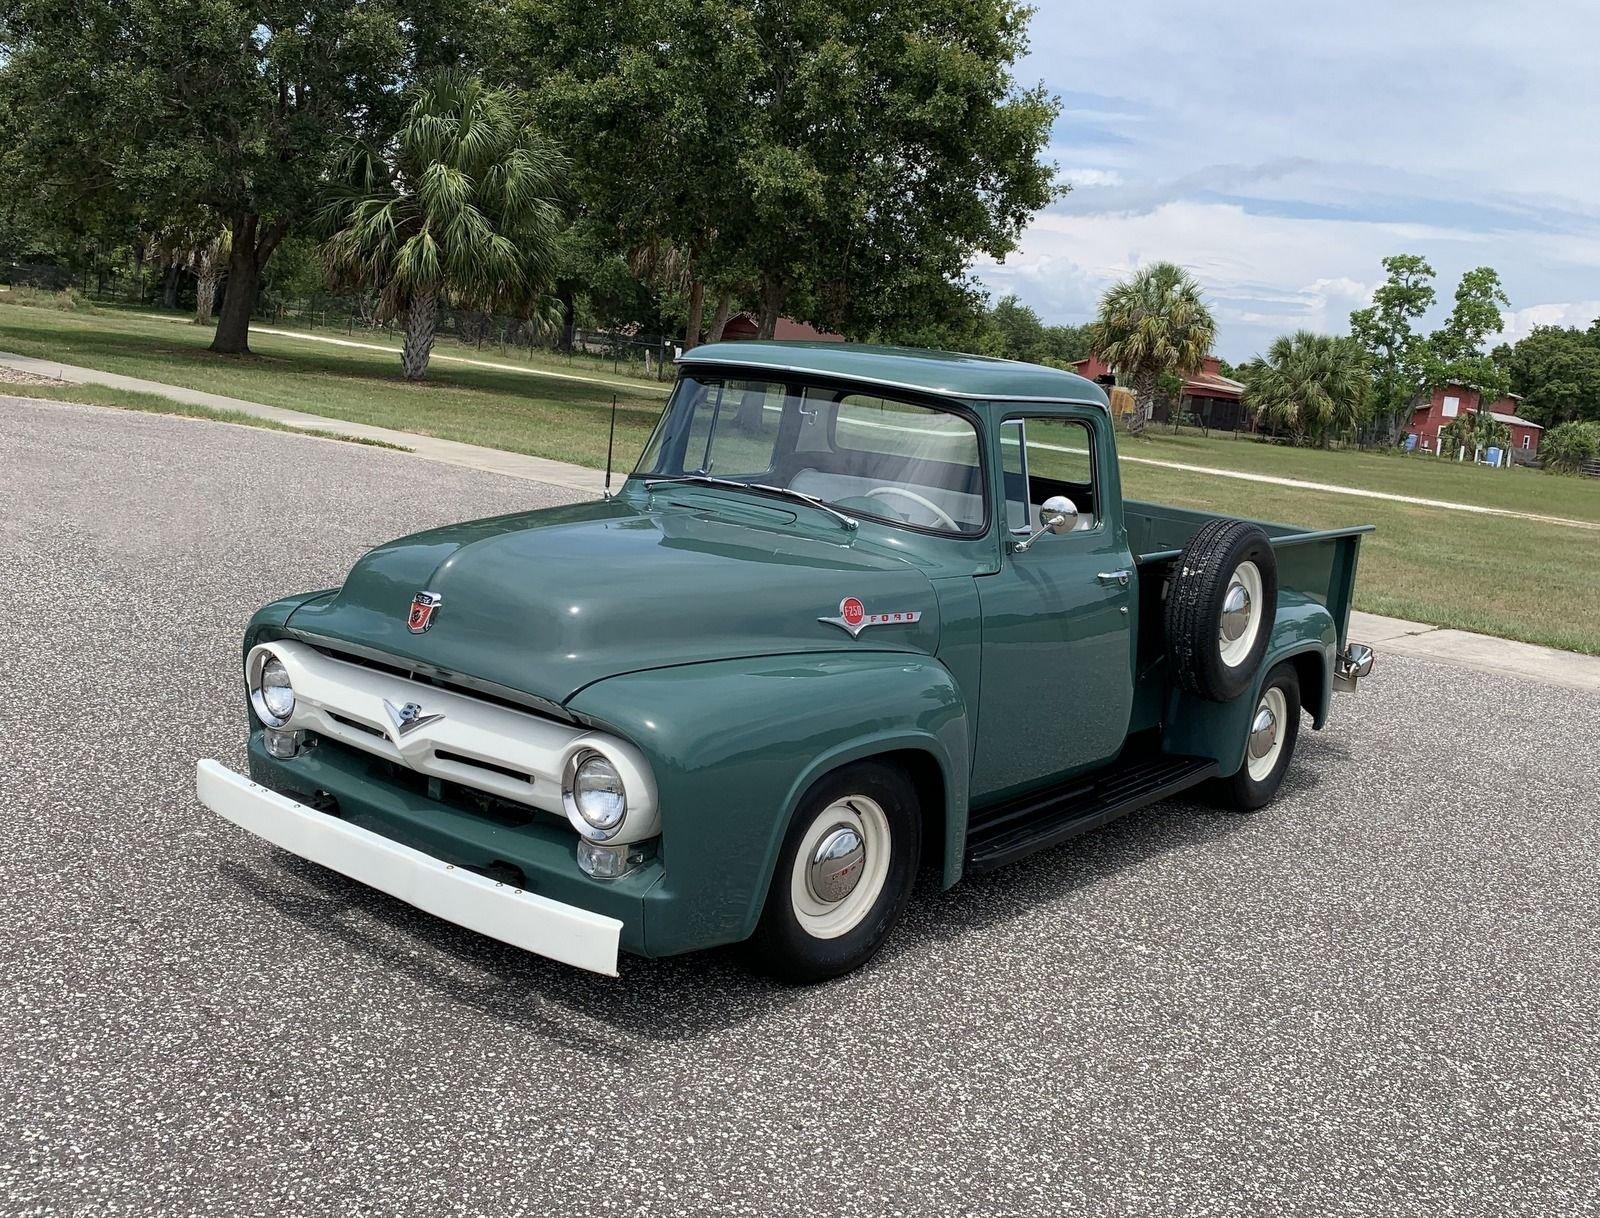 1956 ford f250 restomod pickup